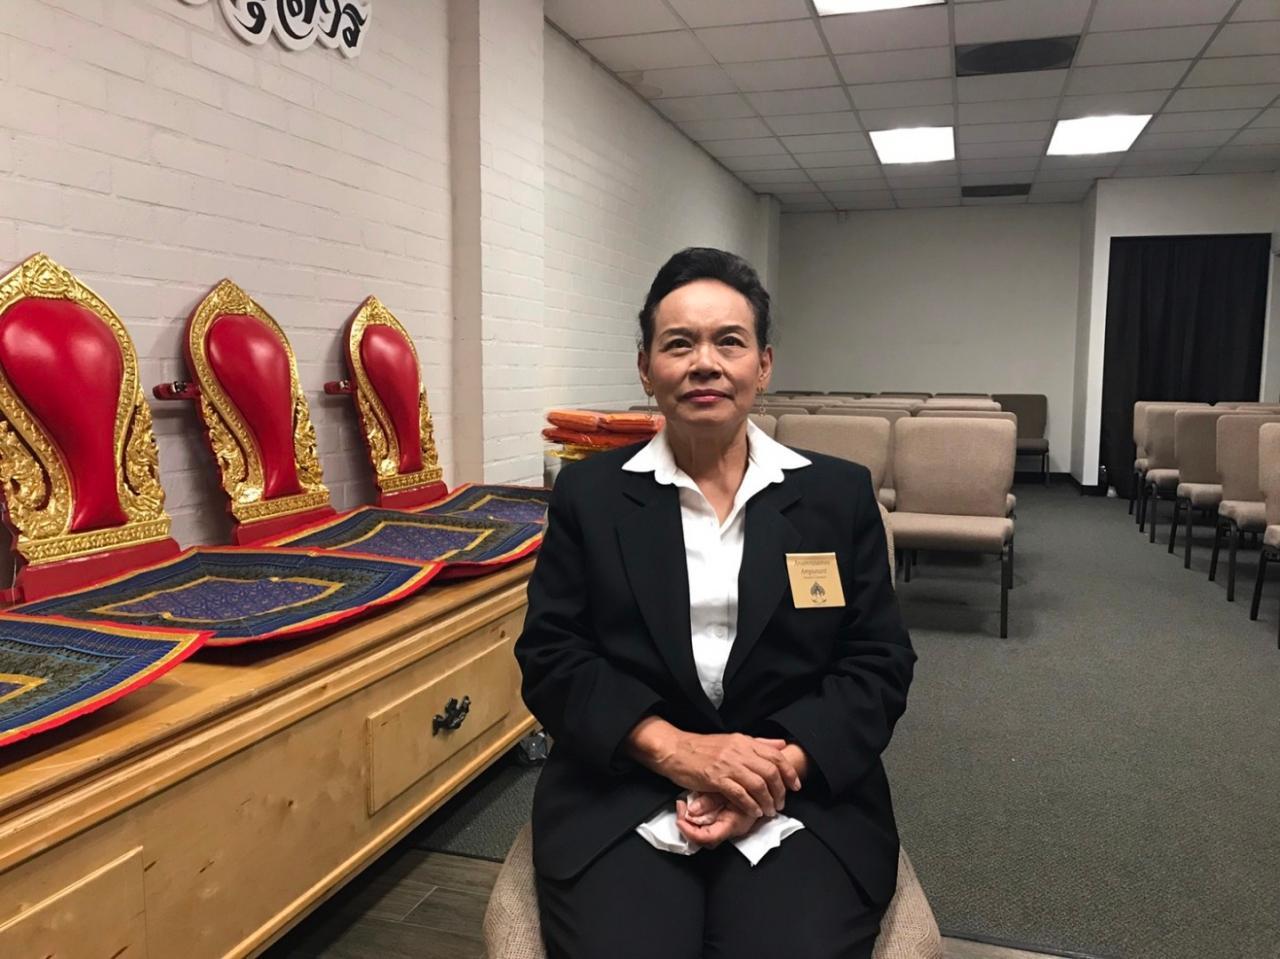 นางอรุณรัศมี อัมพุนันทน์ ผู้จัดการสุสานไทย